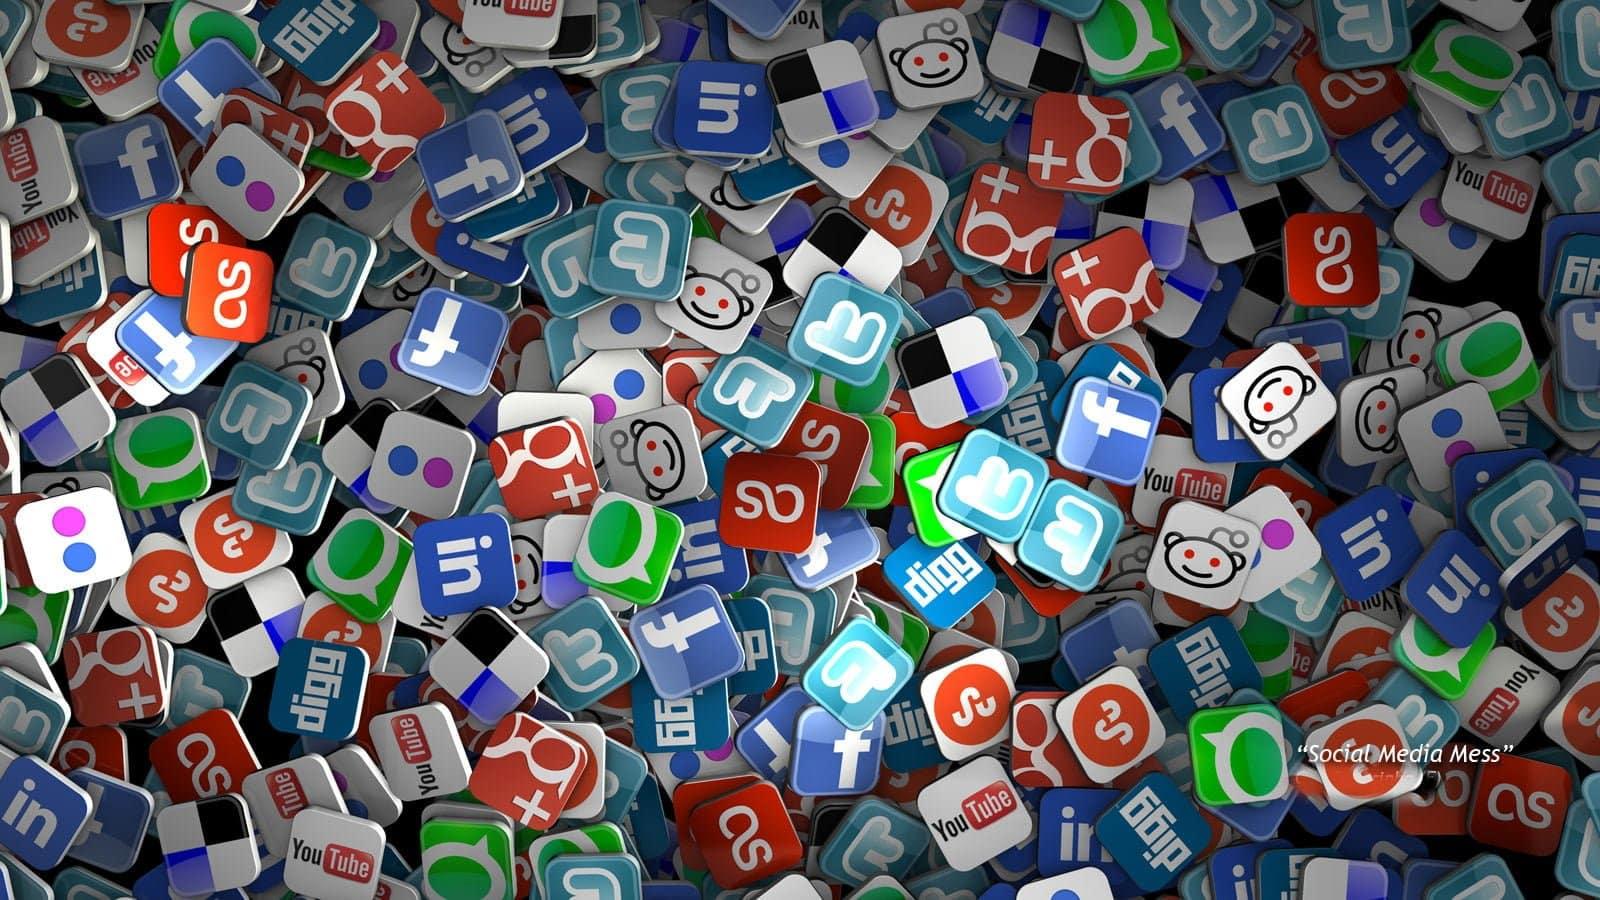 Guia: OS melhores horários para postar nas redes sociais